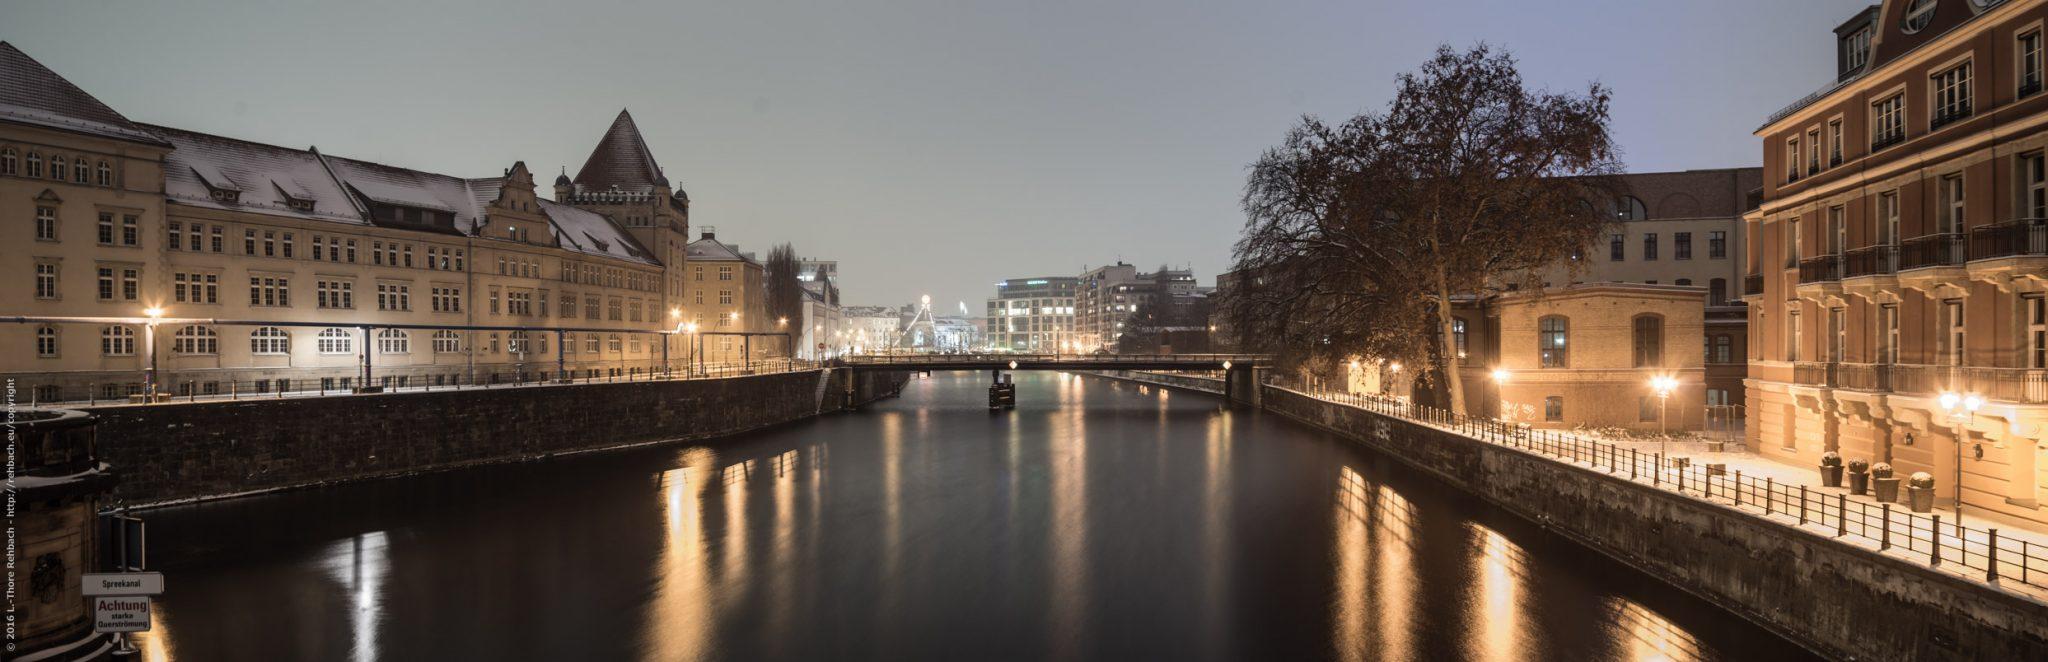 Spreekanal bei Nacht. Ein Winterpanorama